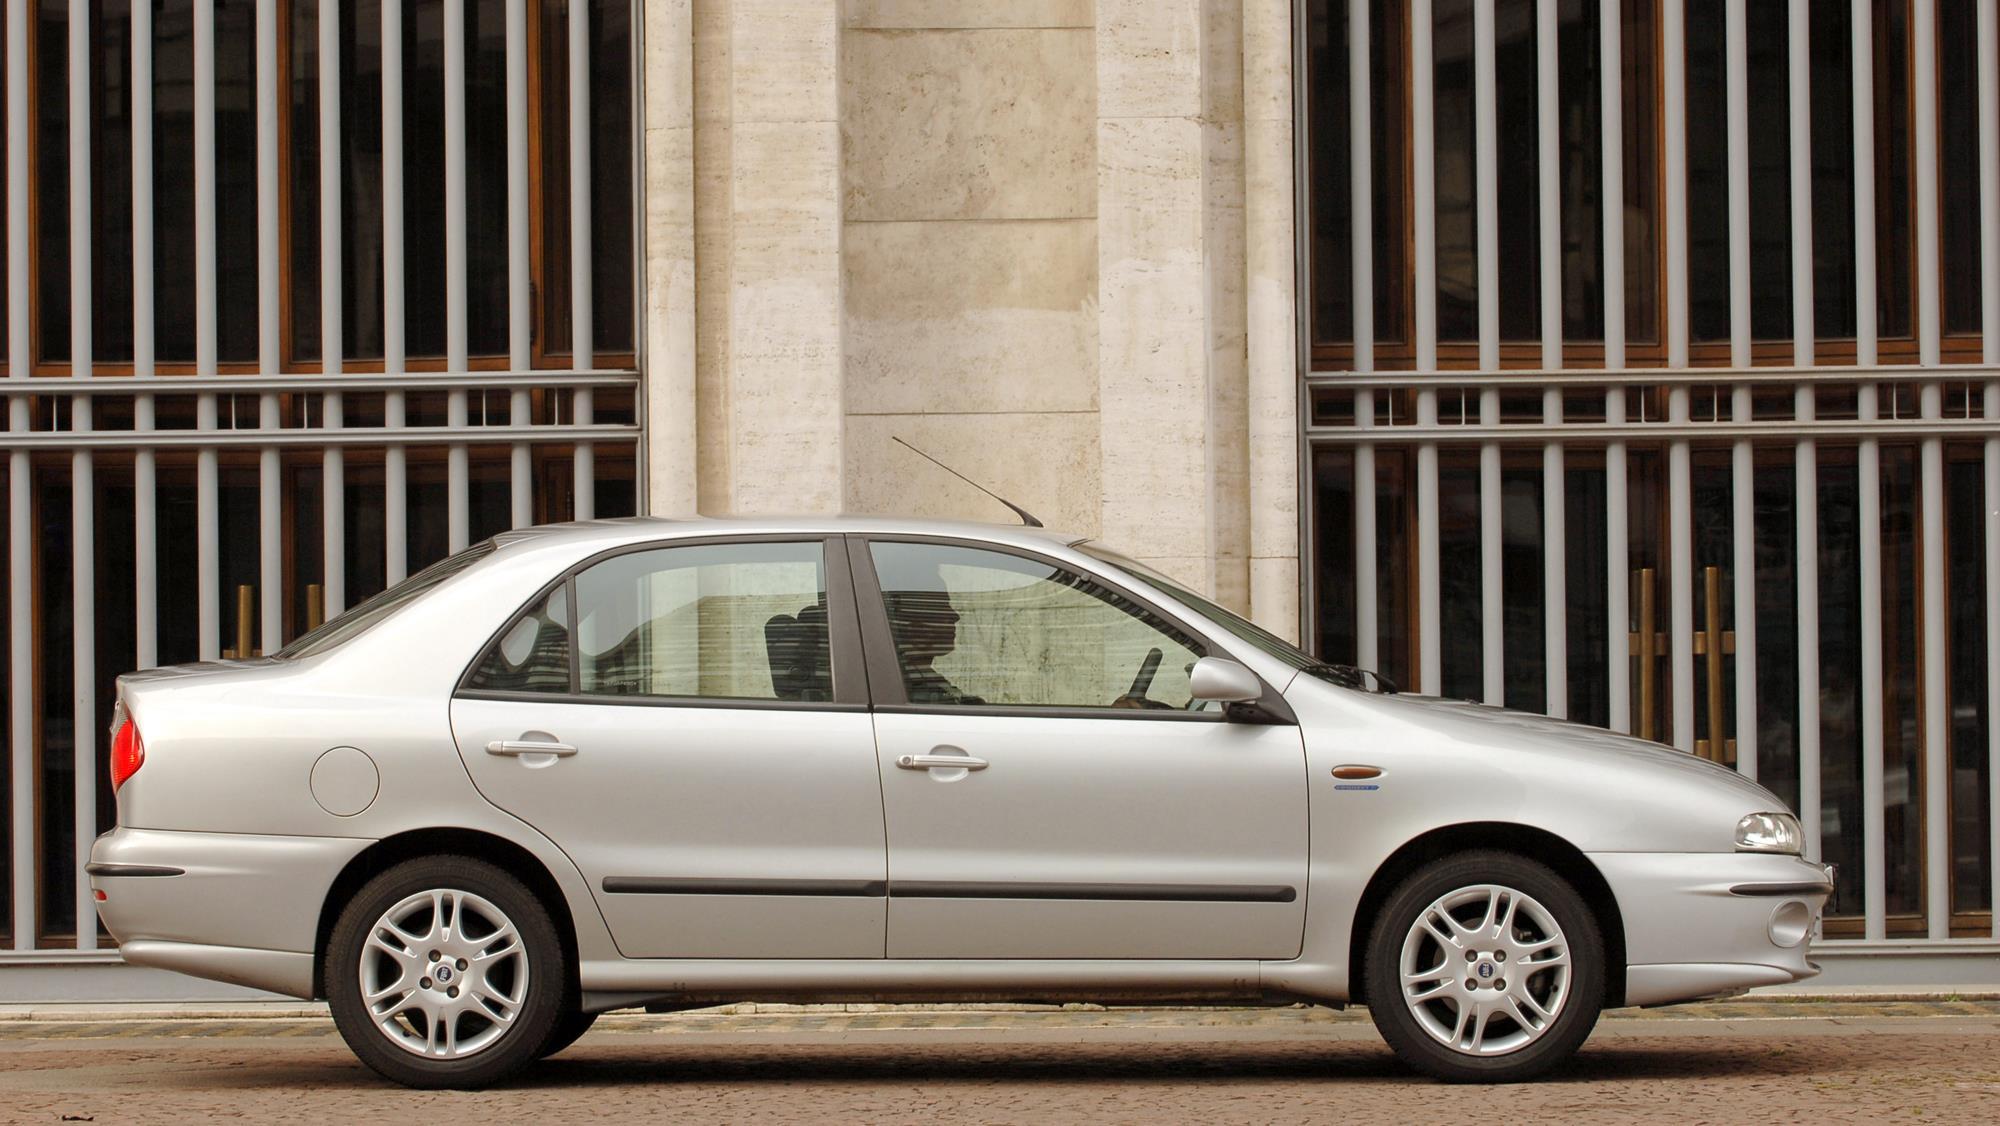 Marea SX 1.6 da Fiat, sedã modelo 2006, testado pela revista Quatro Rodas.